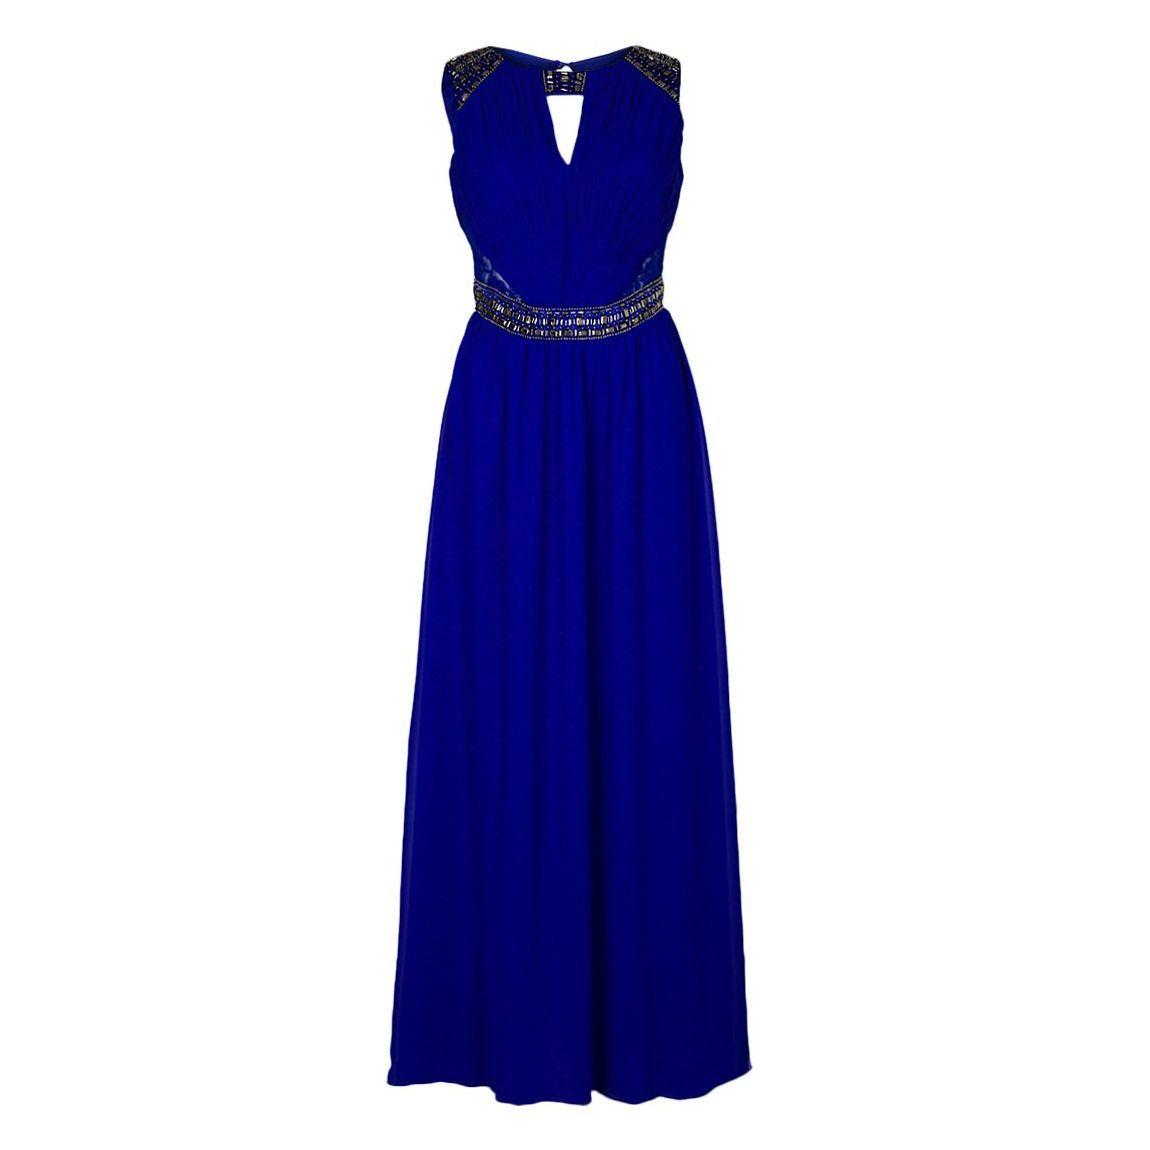 Elegante vestido de noche con encaje transparente, se inserta en los lados, 100% poliéster